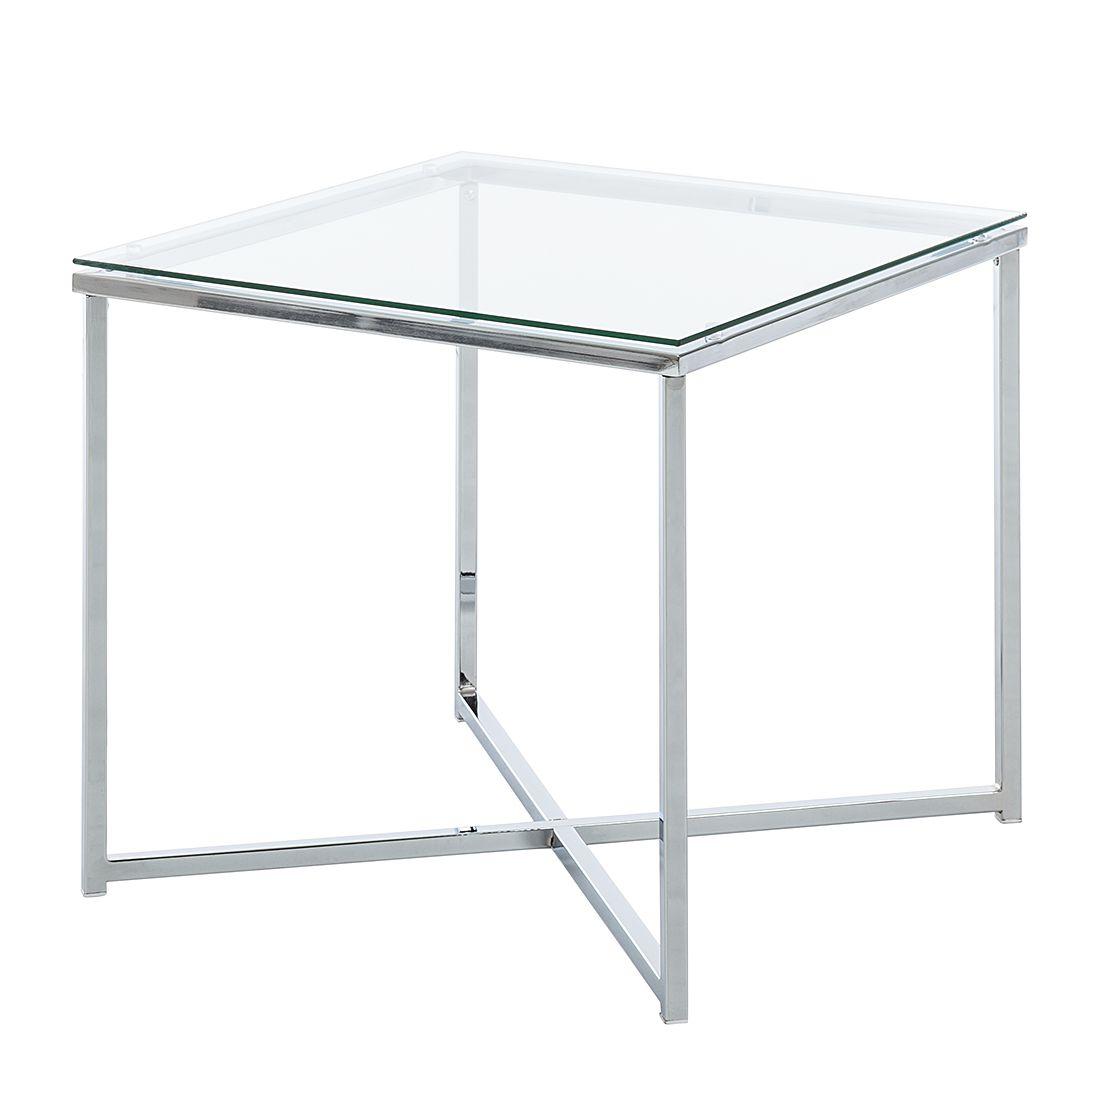 Beistelltisch Cross Glas Klar Eckig Fredriks Jetzt Bestellen Unter Https Moebel Ladendirekt De Wohnzimmer Tische Bei Beistelltische Beistelltisch Tisch